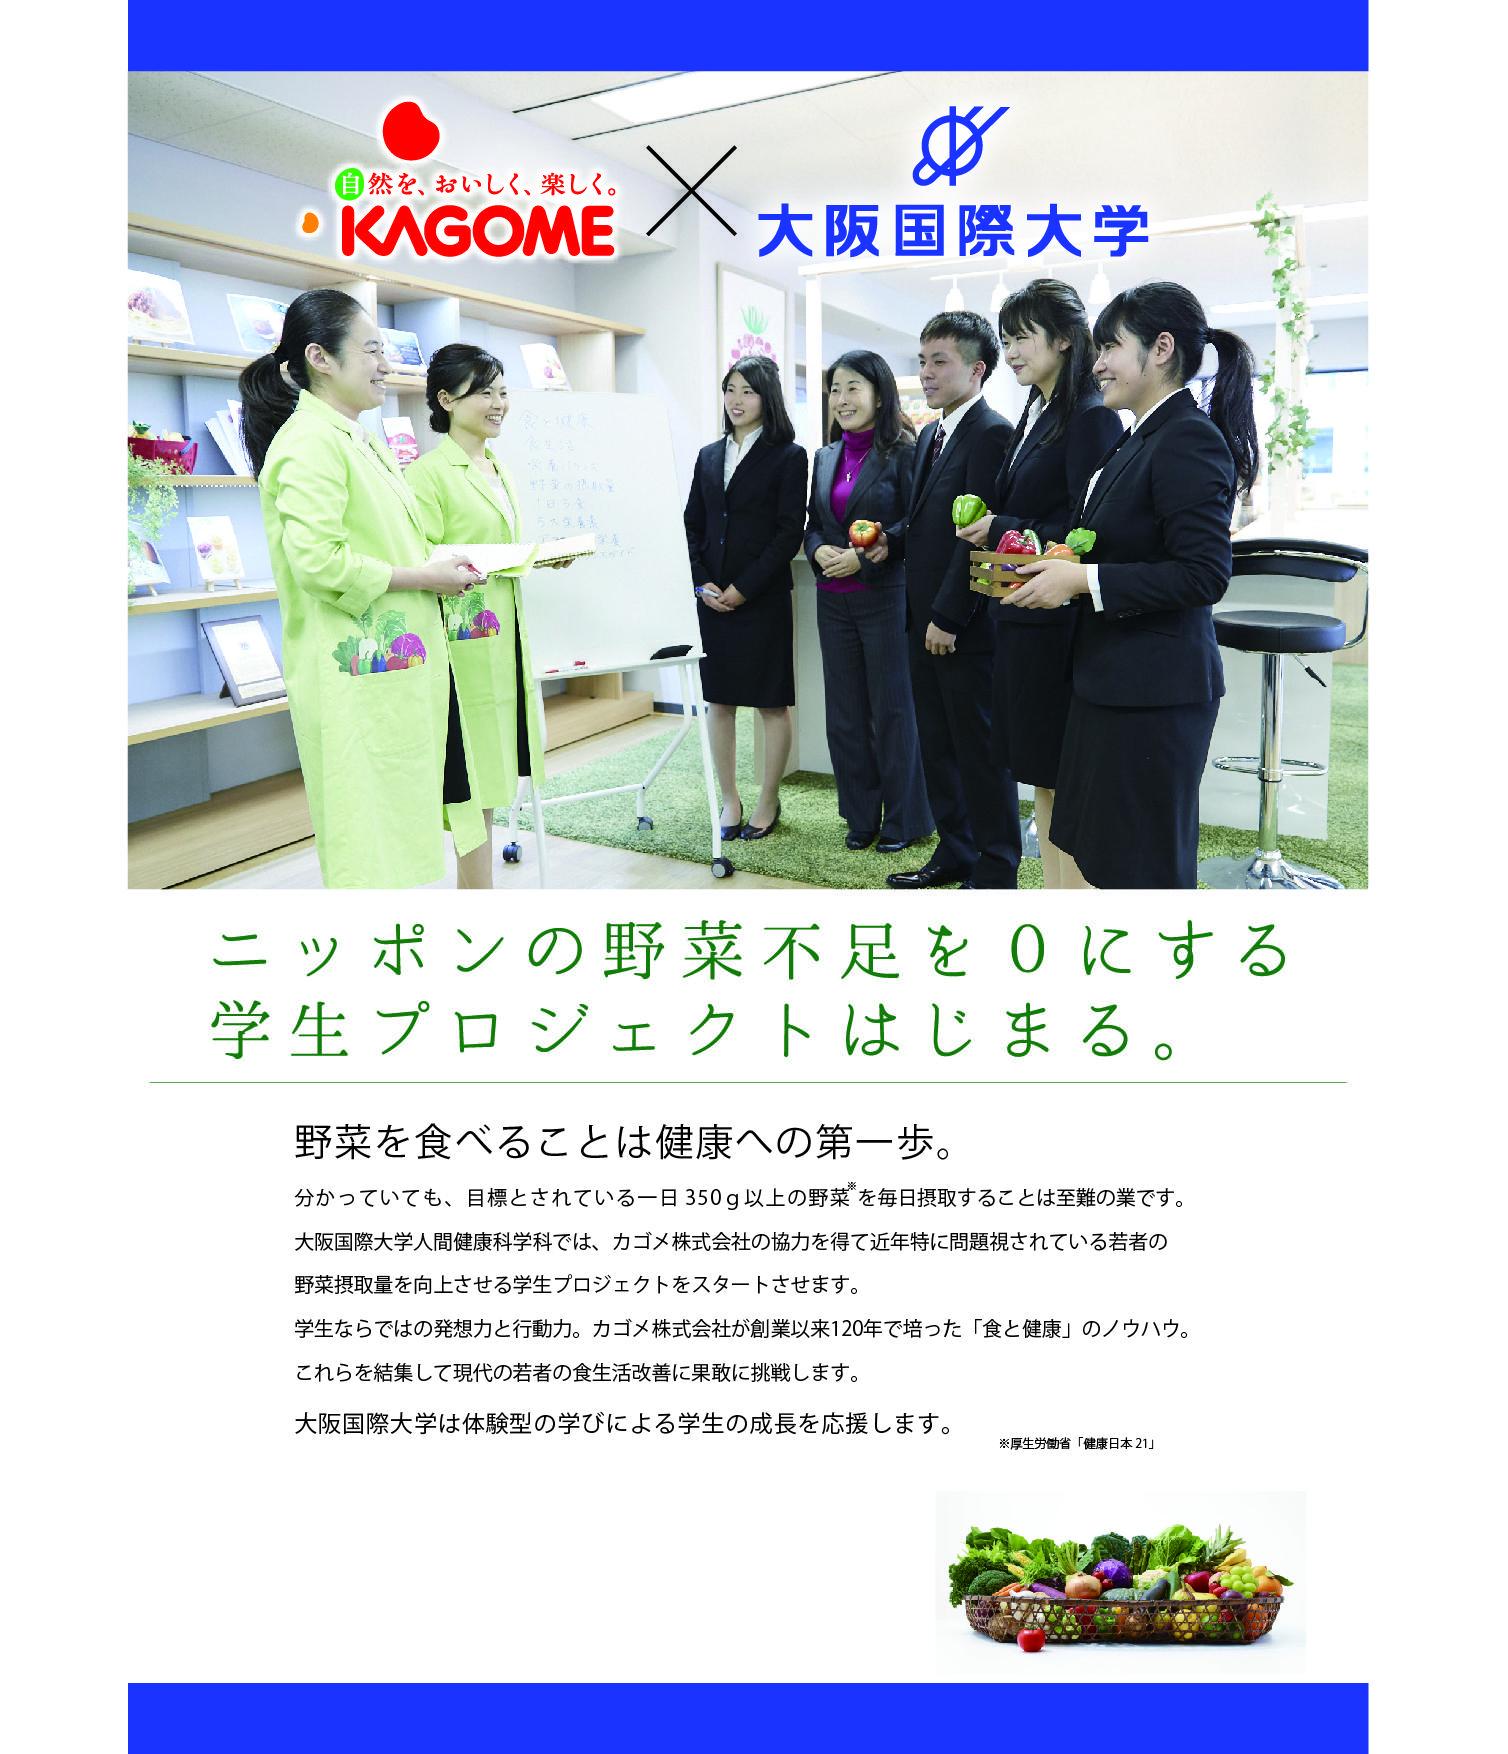 大阪国際大学の学生が、カゴメ株式会社と協力して「ニッポンの野菜不足をゼロにする」をテーマに産学協働のプロジェクトを4月から始動する